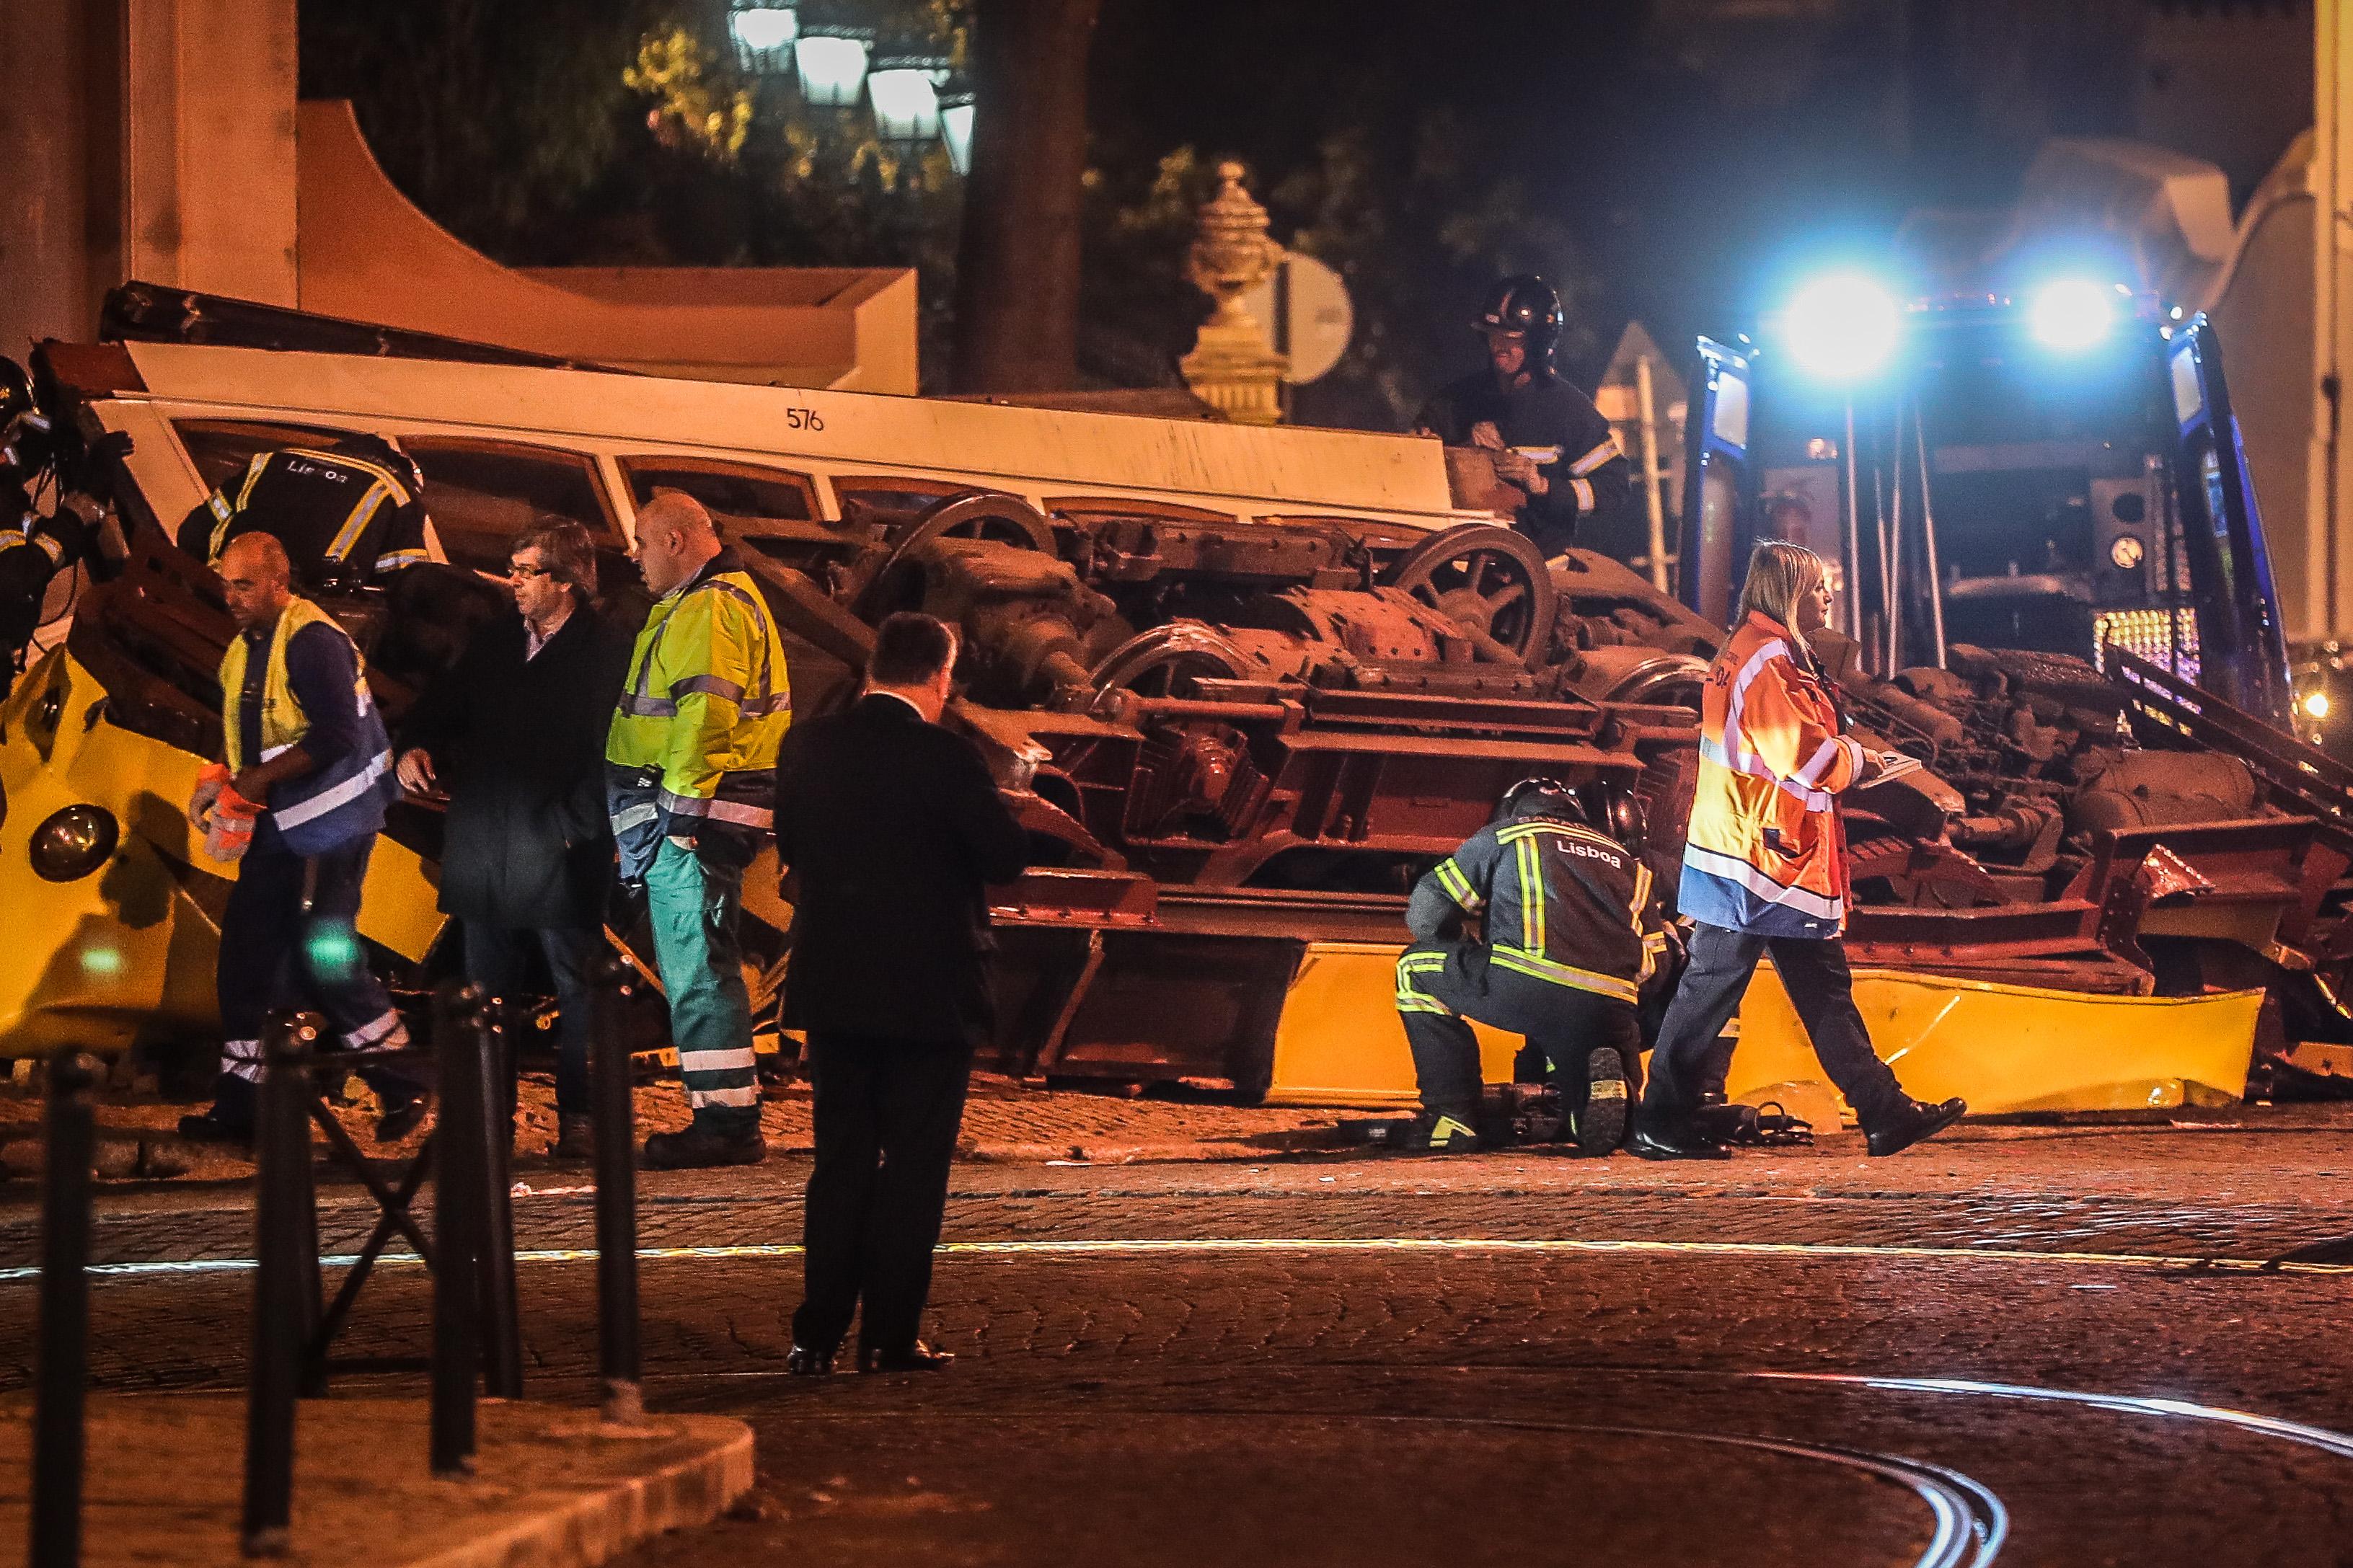 Trabalhos de remoção do elétrico que descarrilou em Lisboa terminaram perto da meia-noite